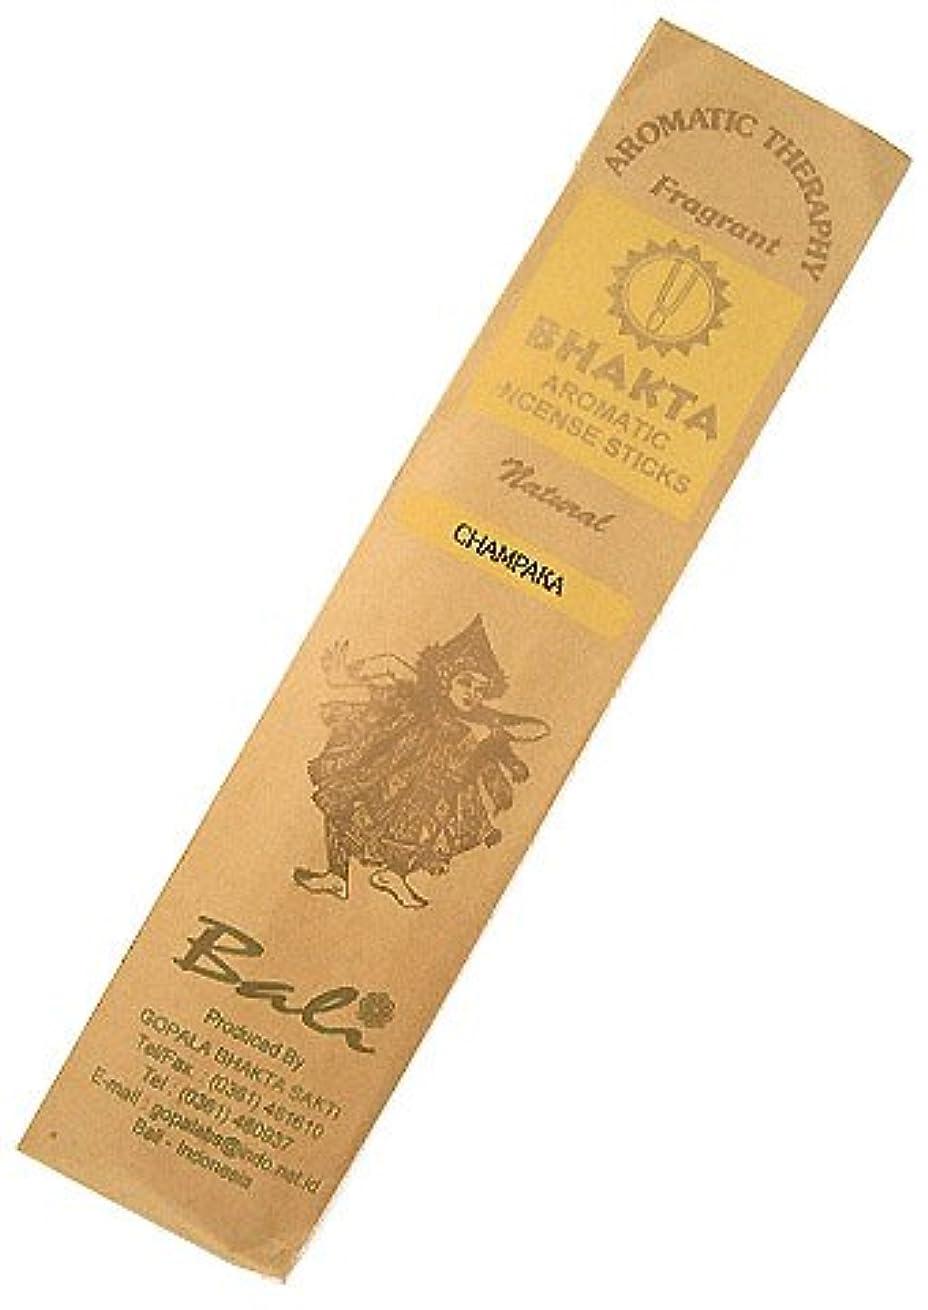 お香 BHAKTA ナチュラル スティック 香(チャンパカ) 【ロングタイプ インセンス】 インドネシア?バリ島のお香